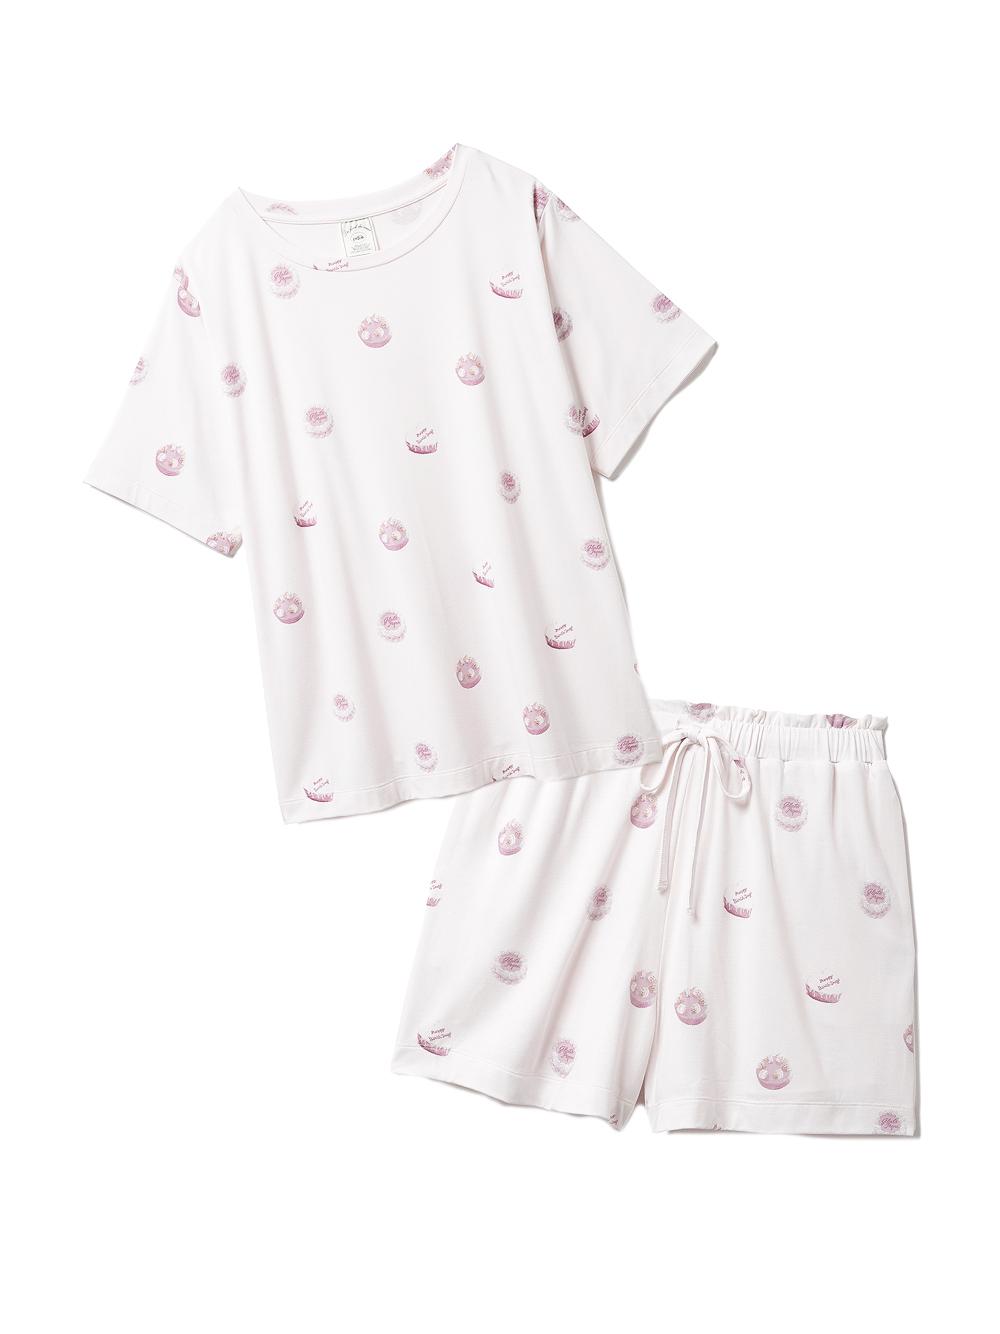 【ラッピング】ホールケーキ柄Tシャツ&ショートパンツSET(PNK-F)